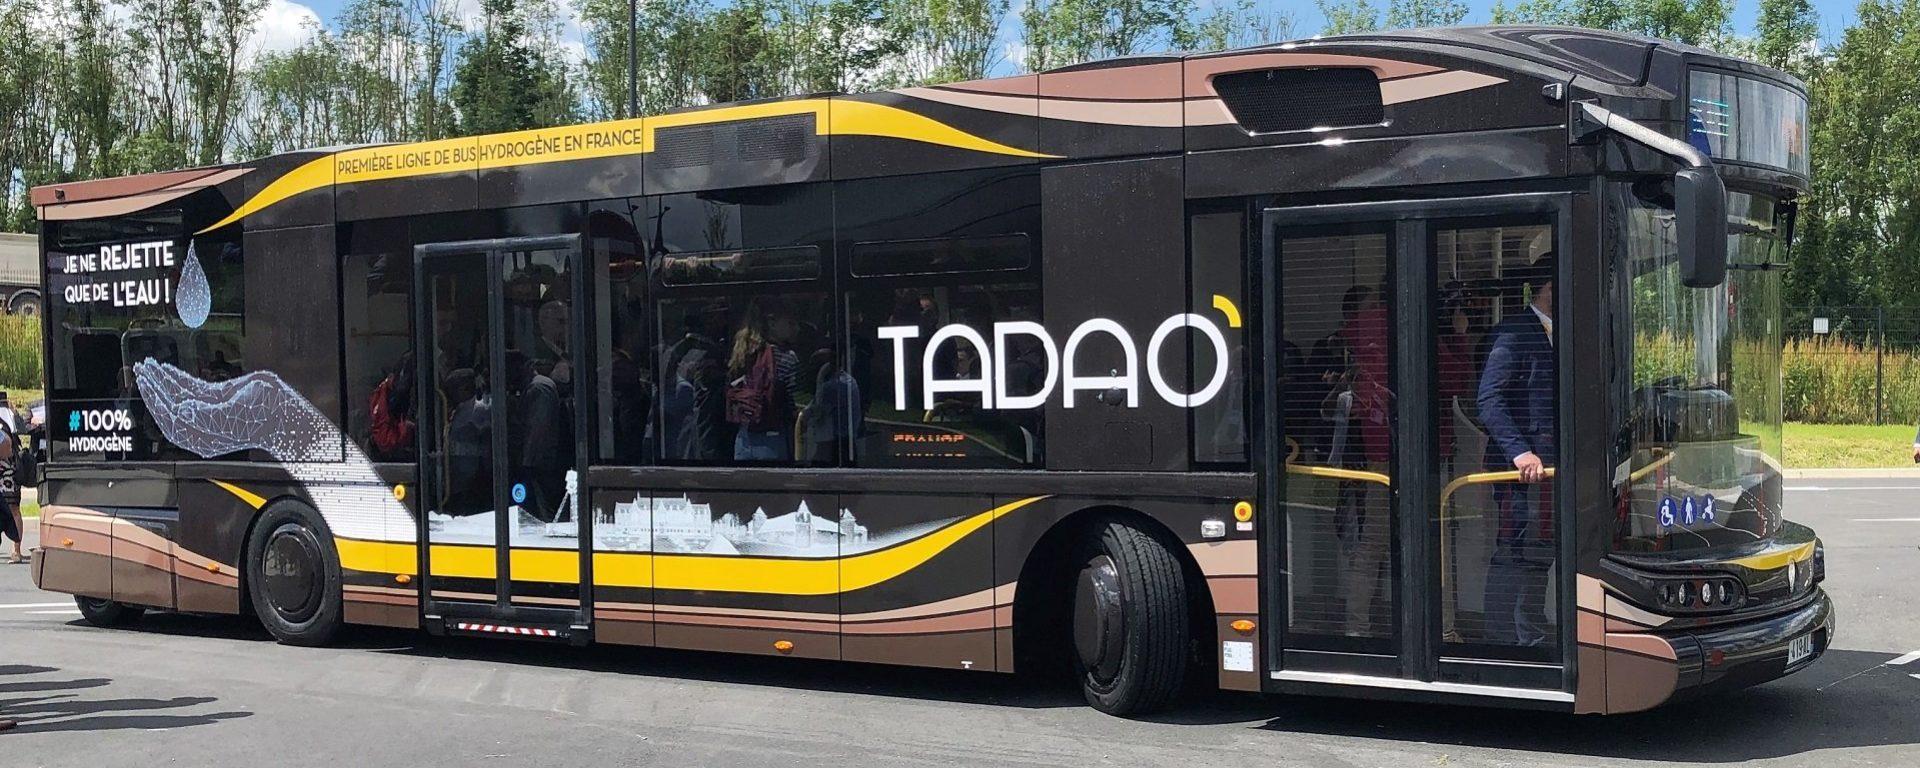 bus électrique hydrogène tadao Transdev transport marron